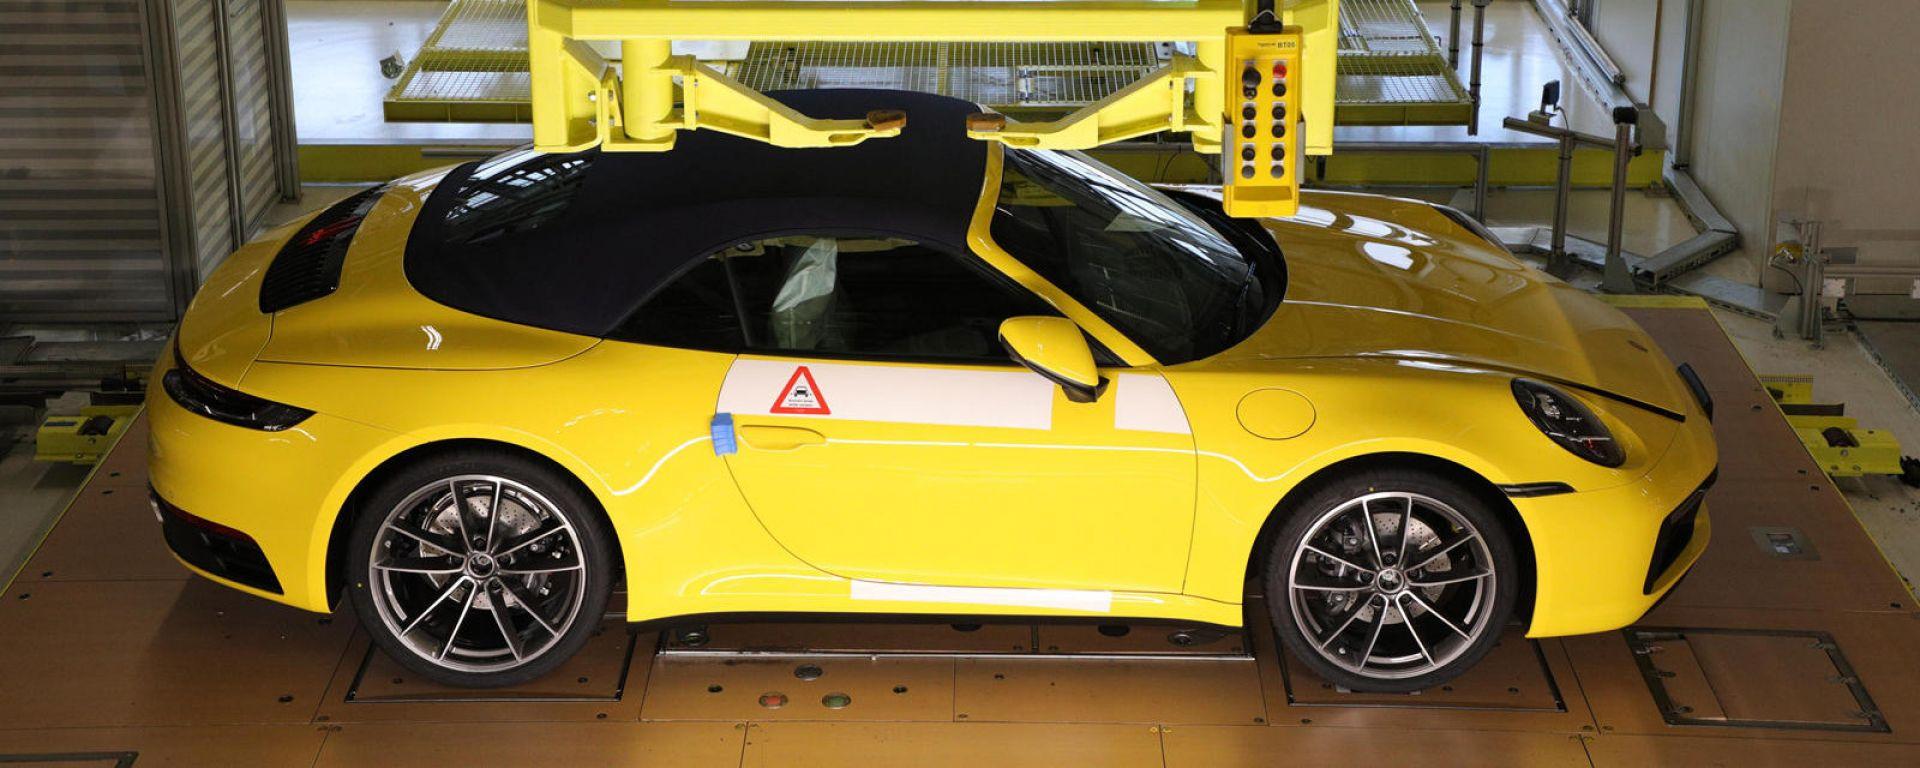 Porsche: telecamere nello stabilimento di Stoccarda